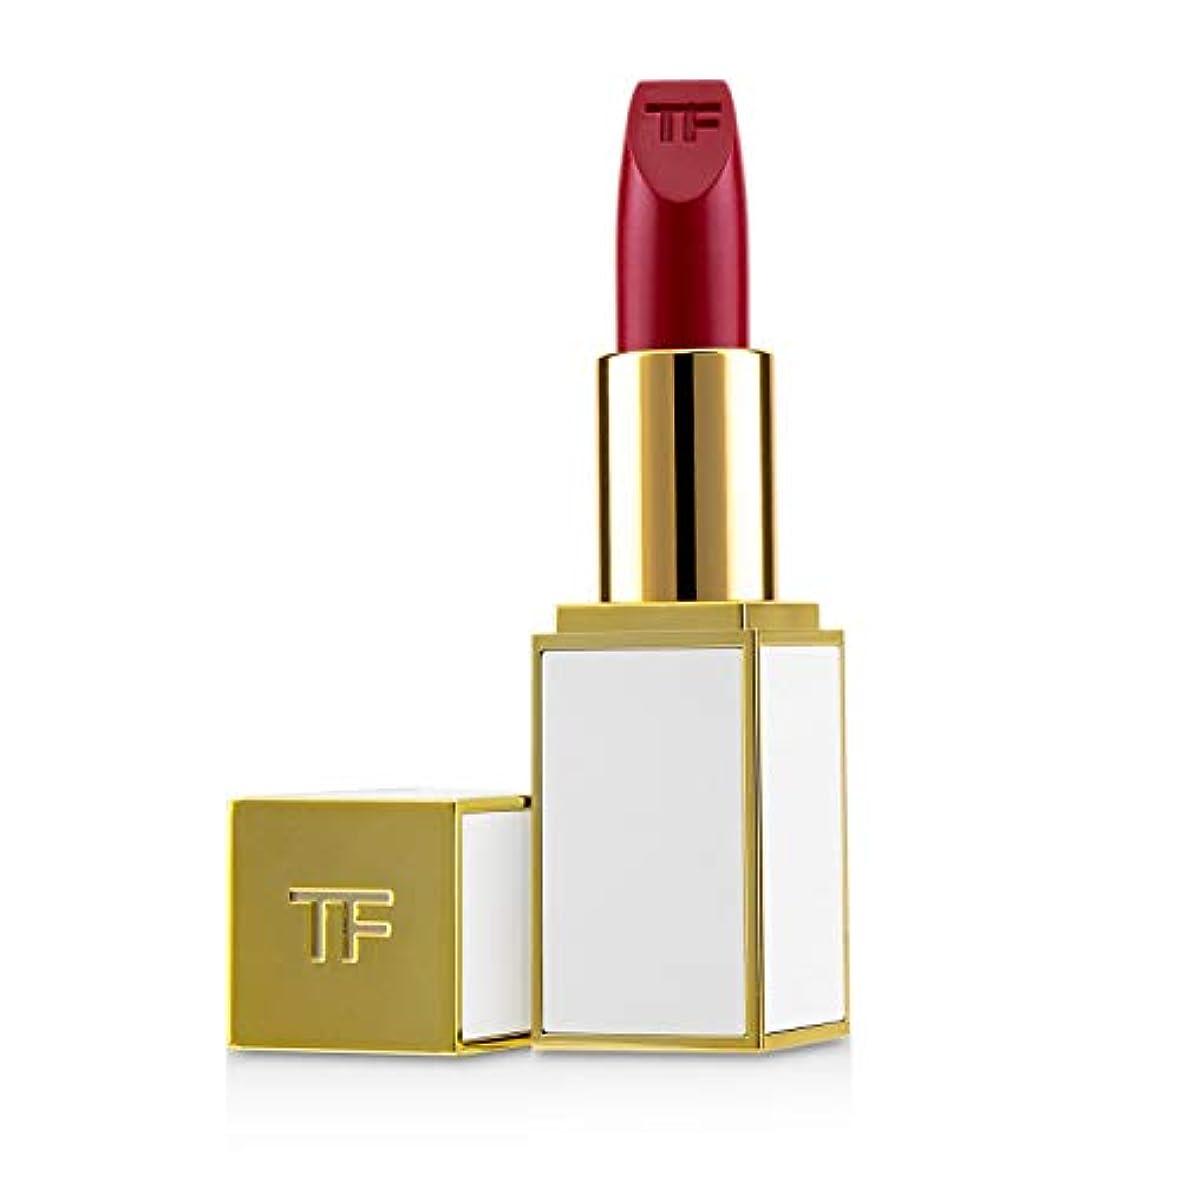 指標困惑したアノイトム フォード Lip Color Sheer - # 12 Pipa 3g/0.1oz並行輸入品